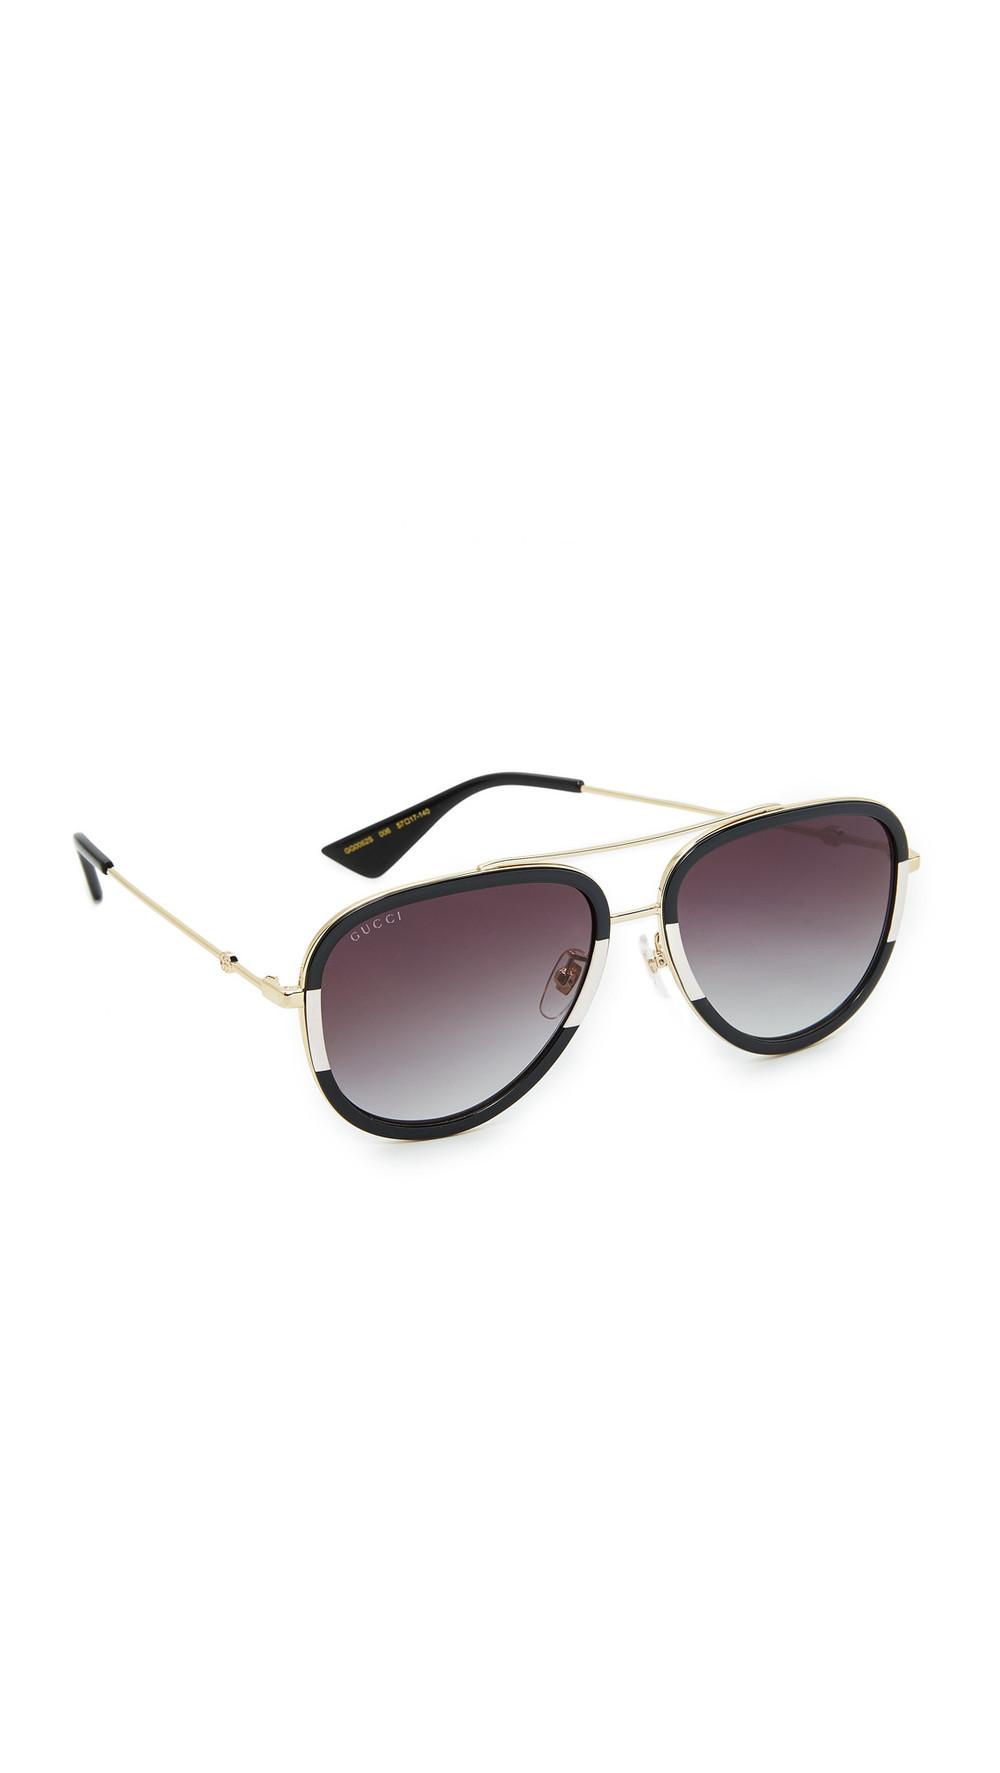 0cb43127fddd0 Gucci Urban Pop Oversized Square Sunglasses